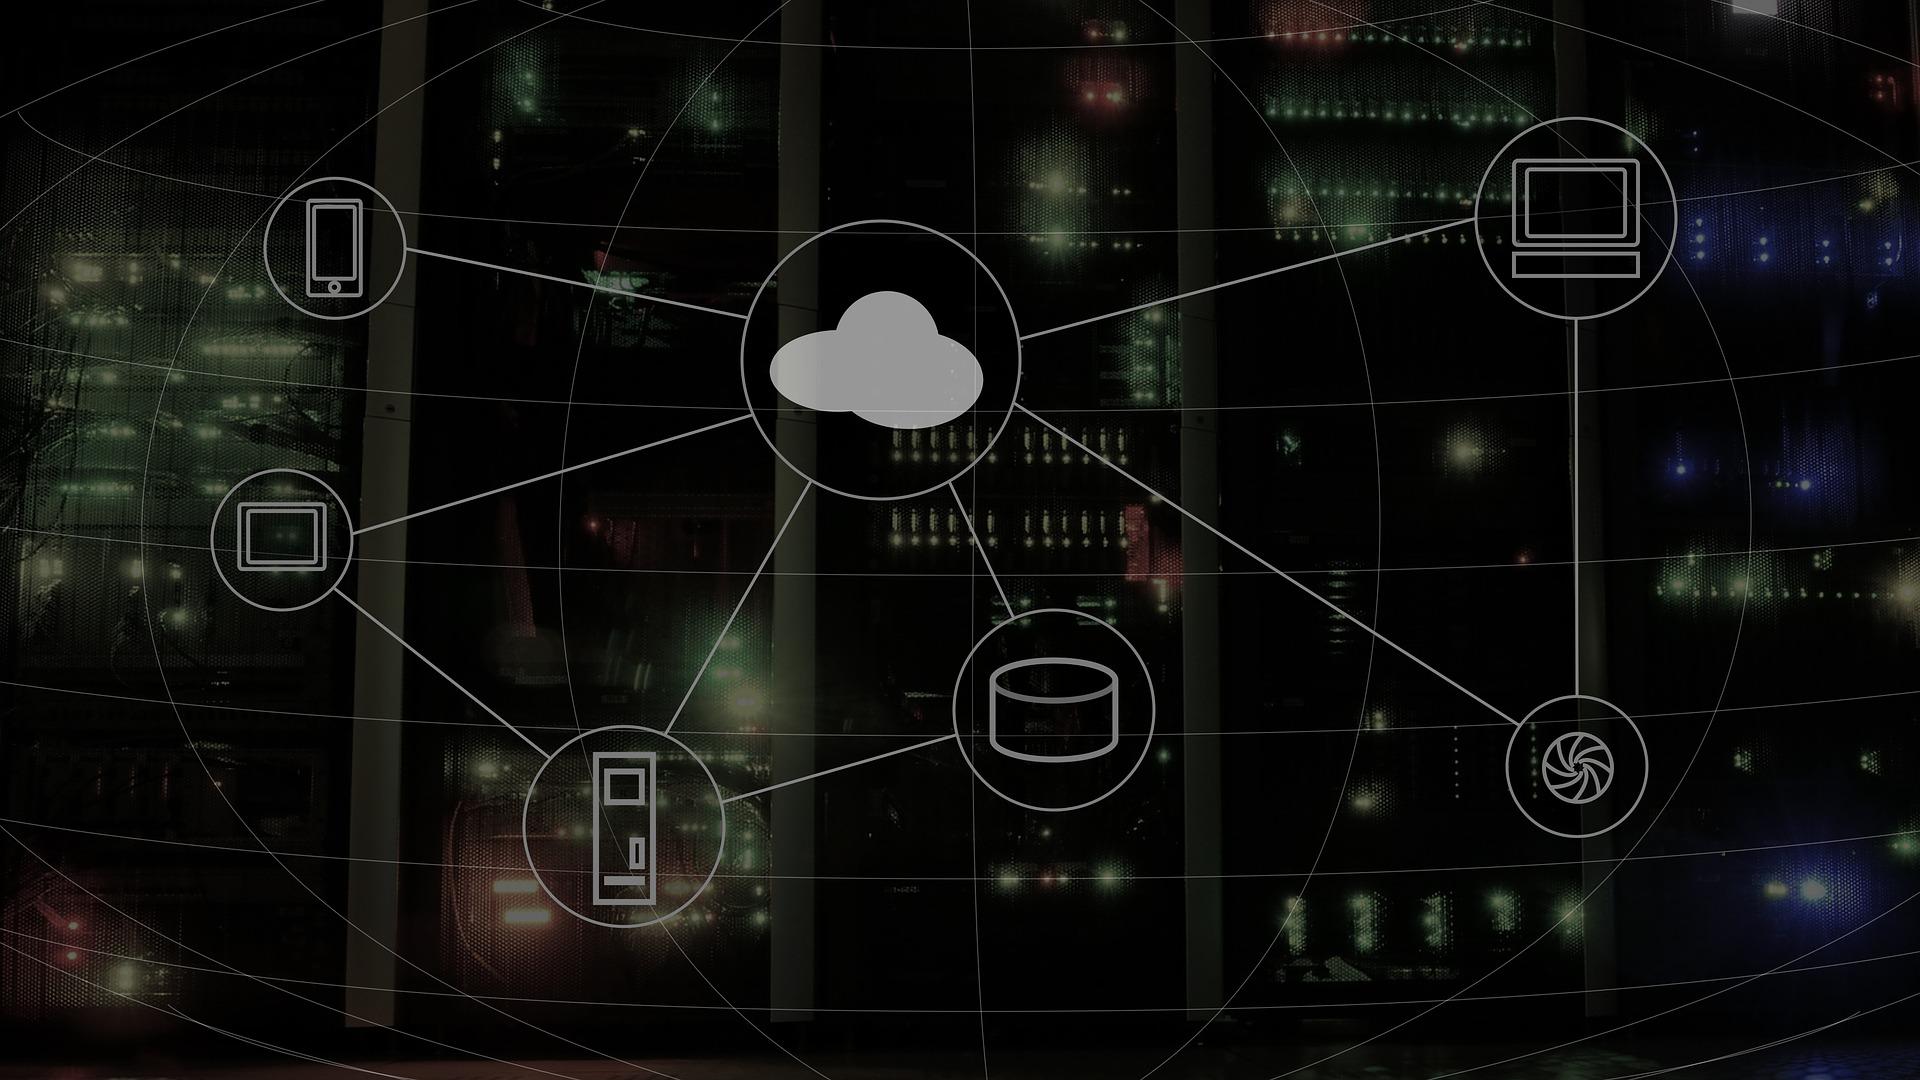 Quanto pesano le nuvole? L'impatto ecologico di internet